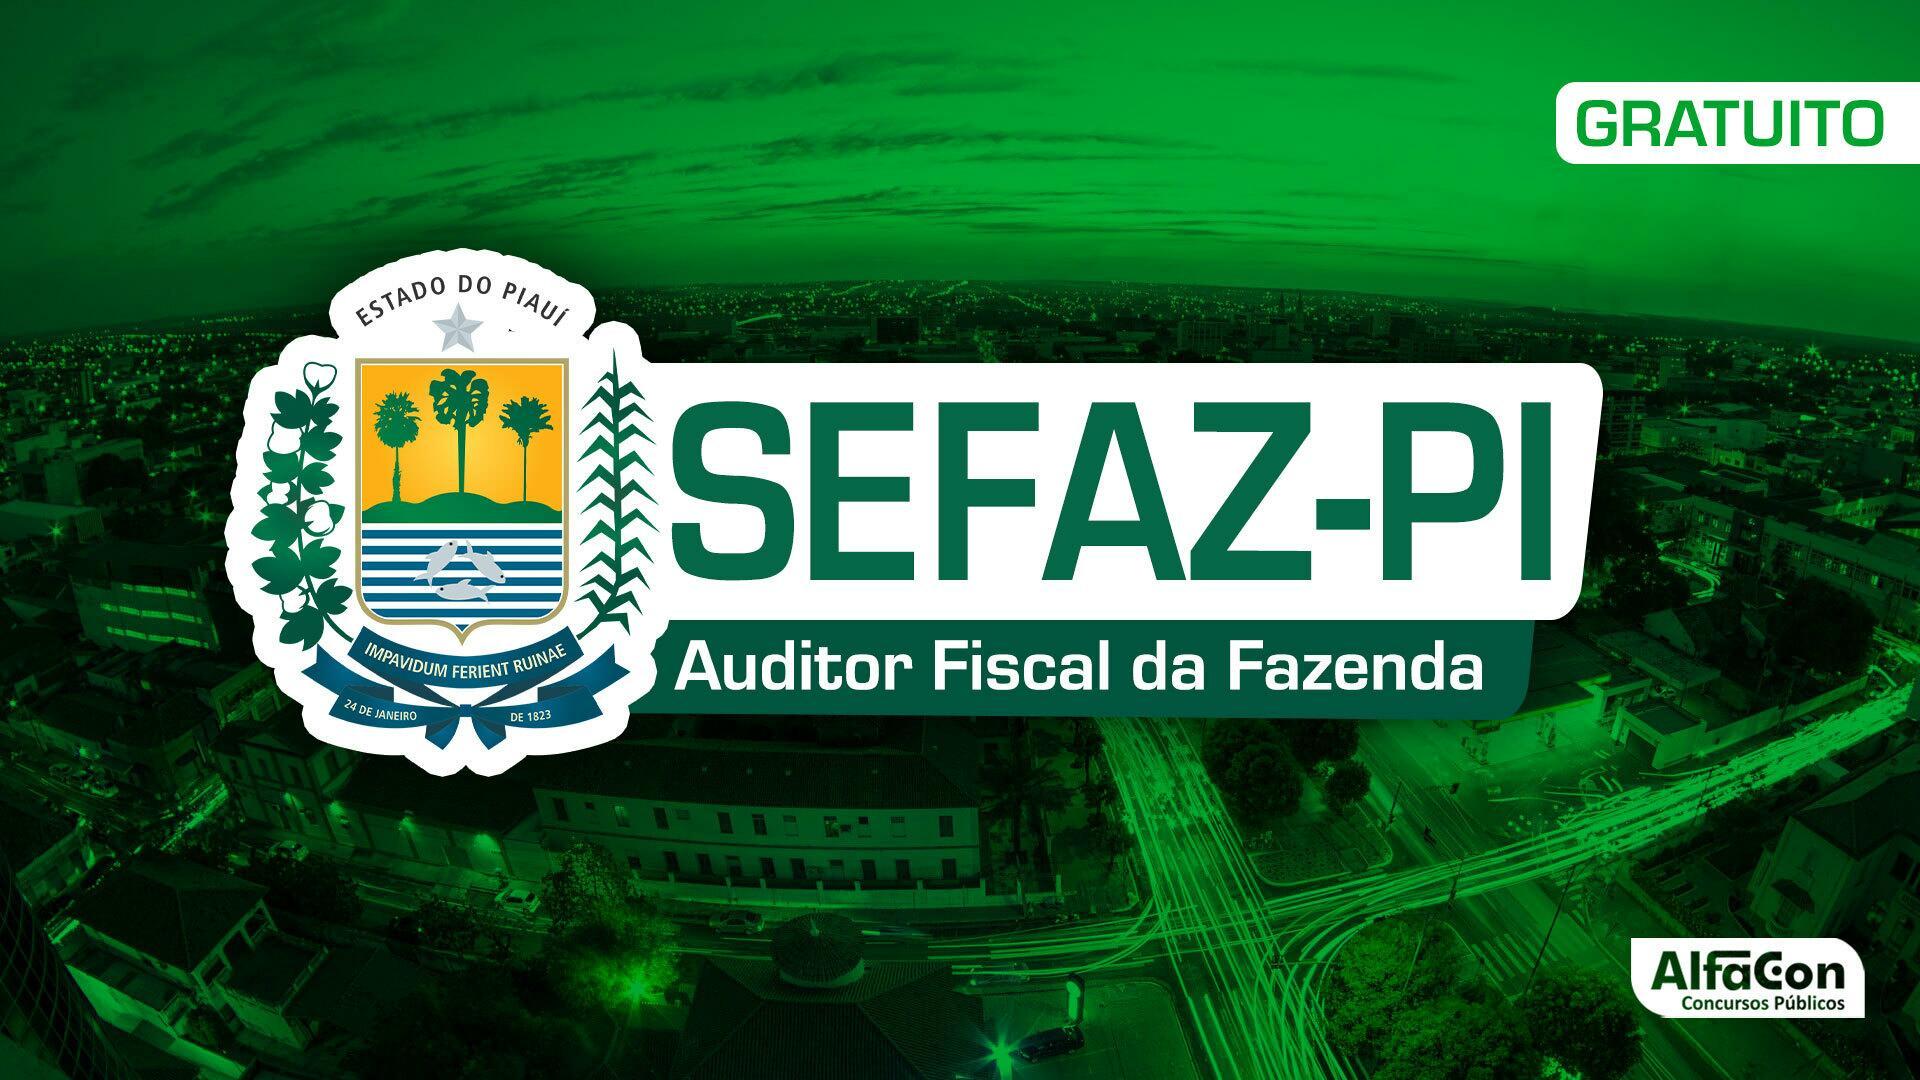 SEFAZ - PI - Auditor Fiscal da Fazenda de Piauí - Gratuito